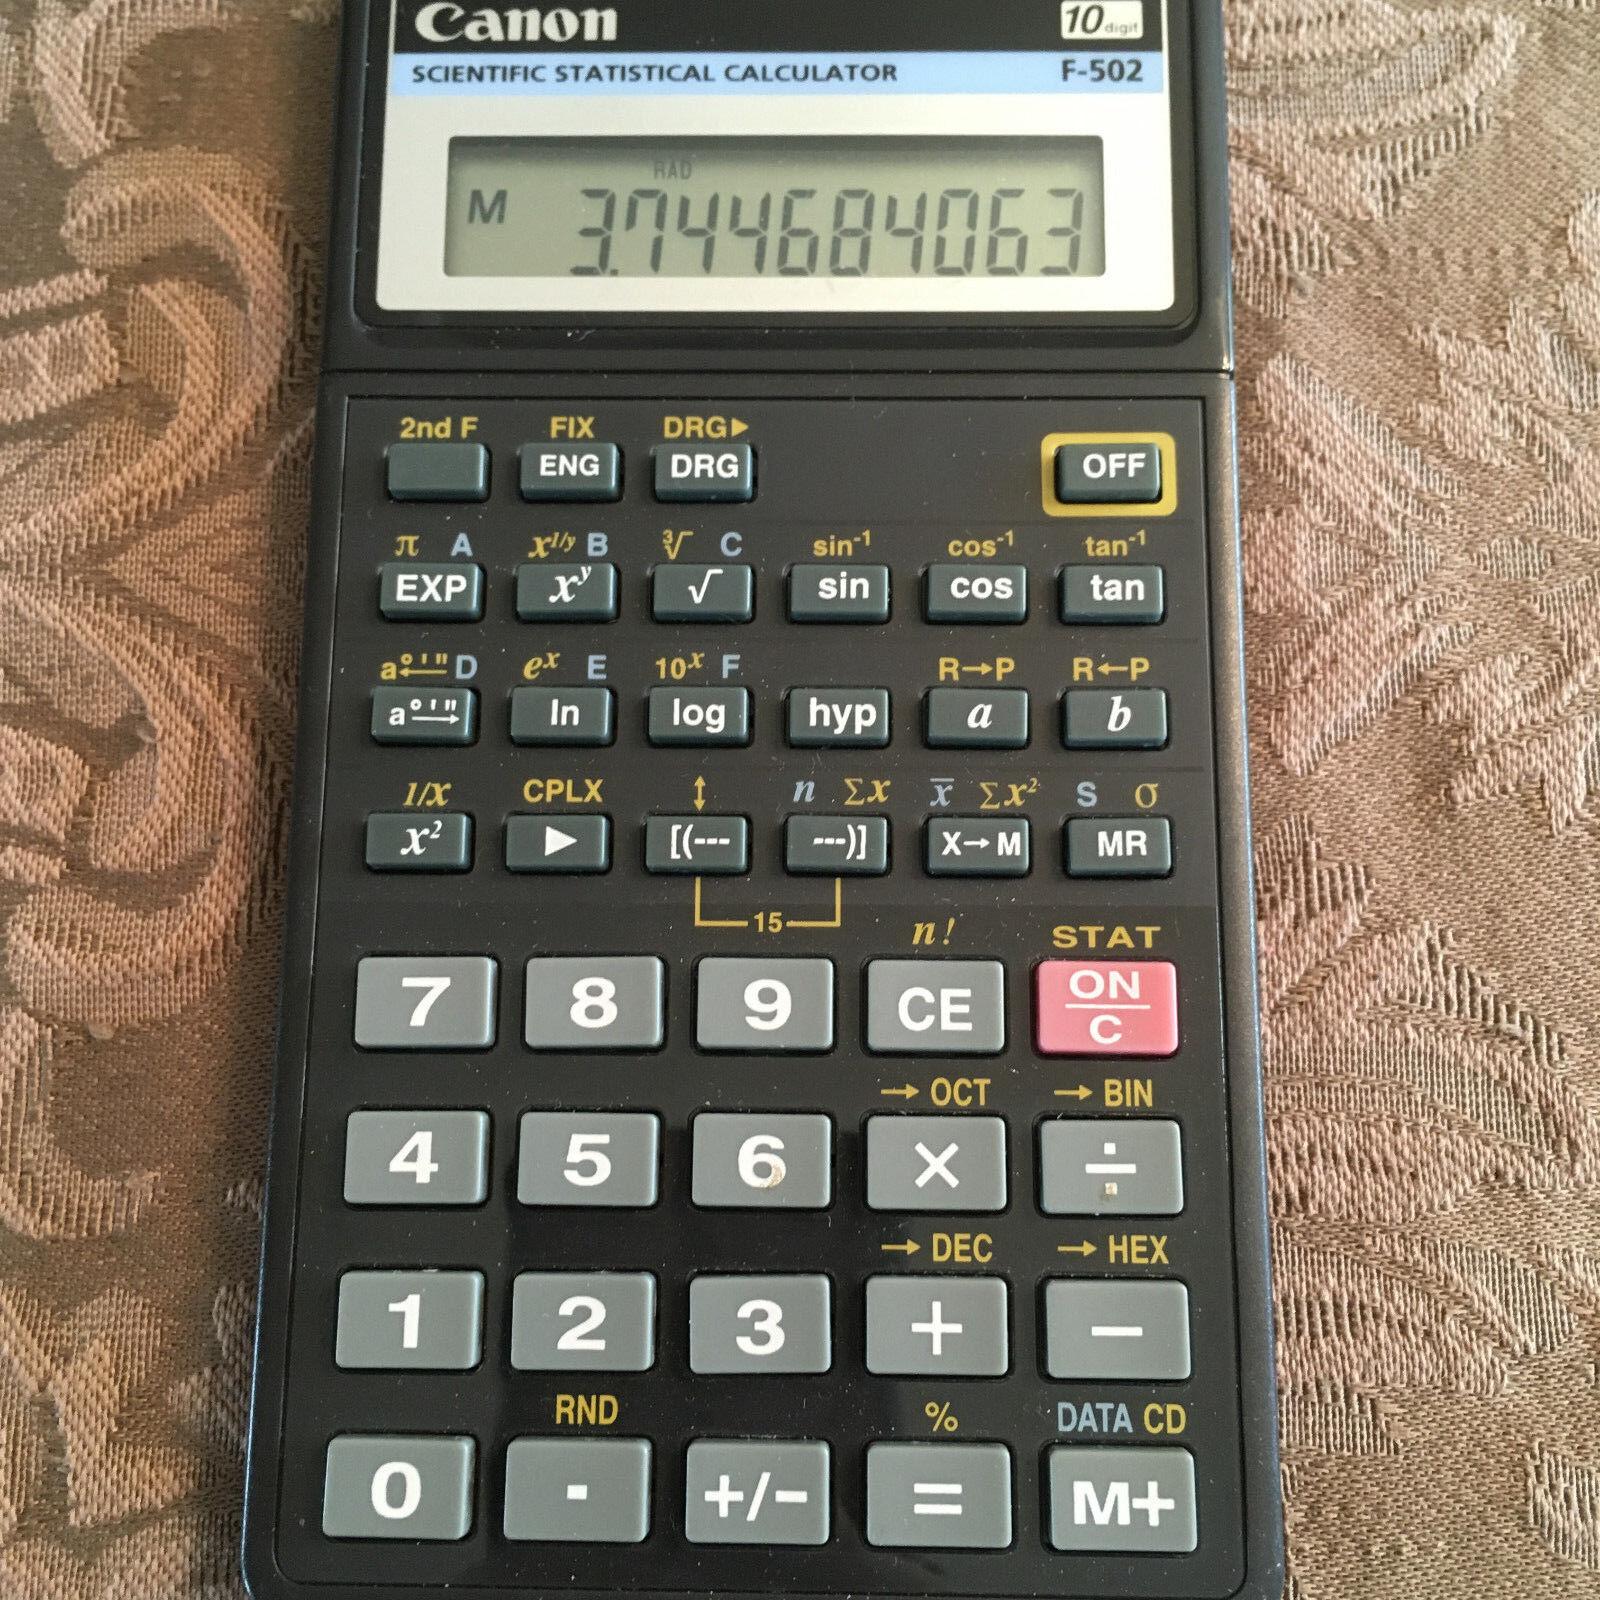 Canon Scientific Statistical Calculator F-502